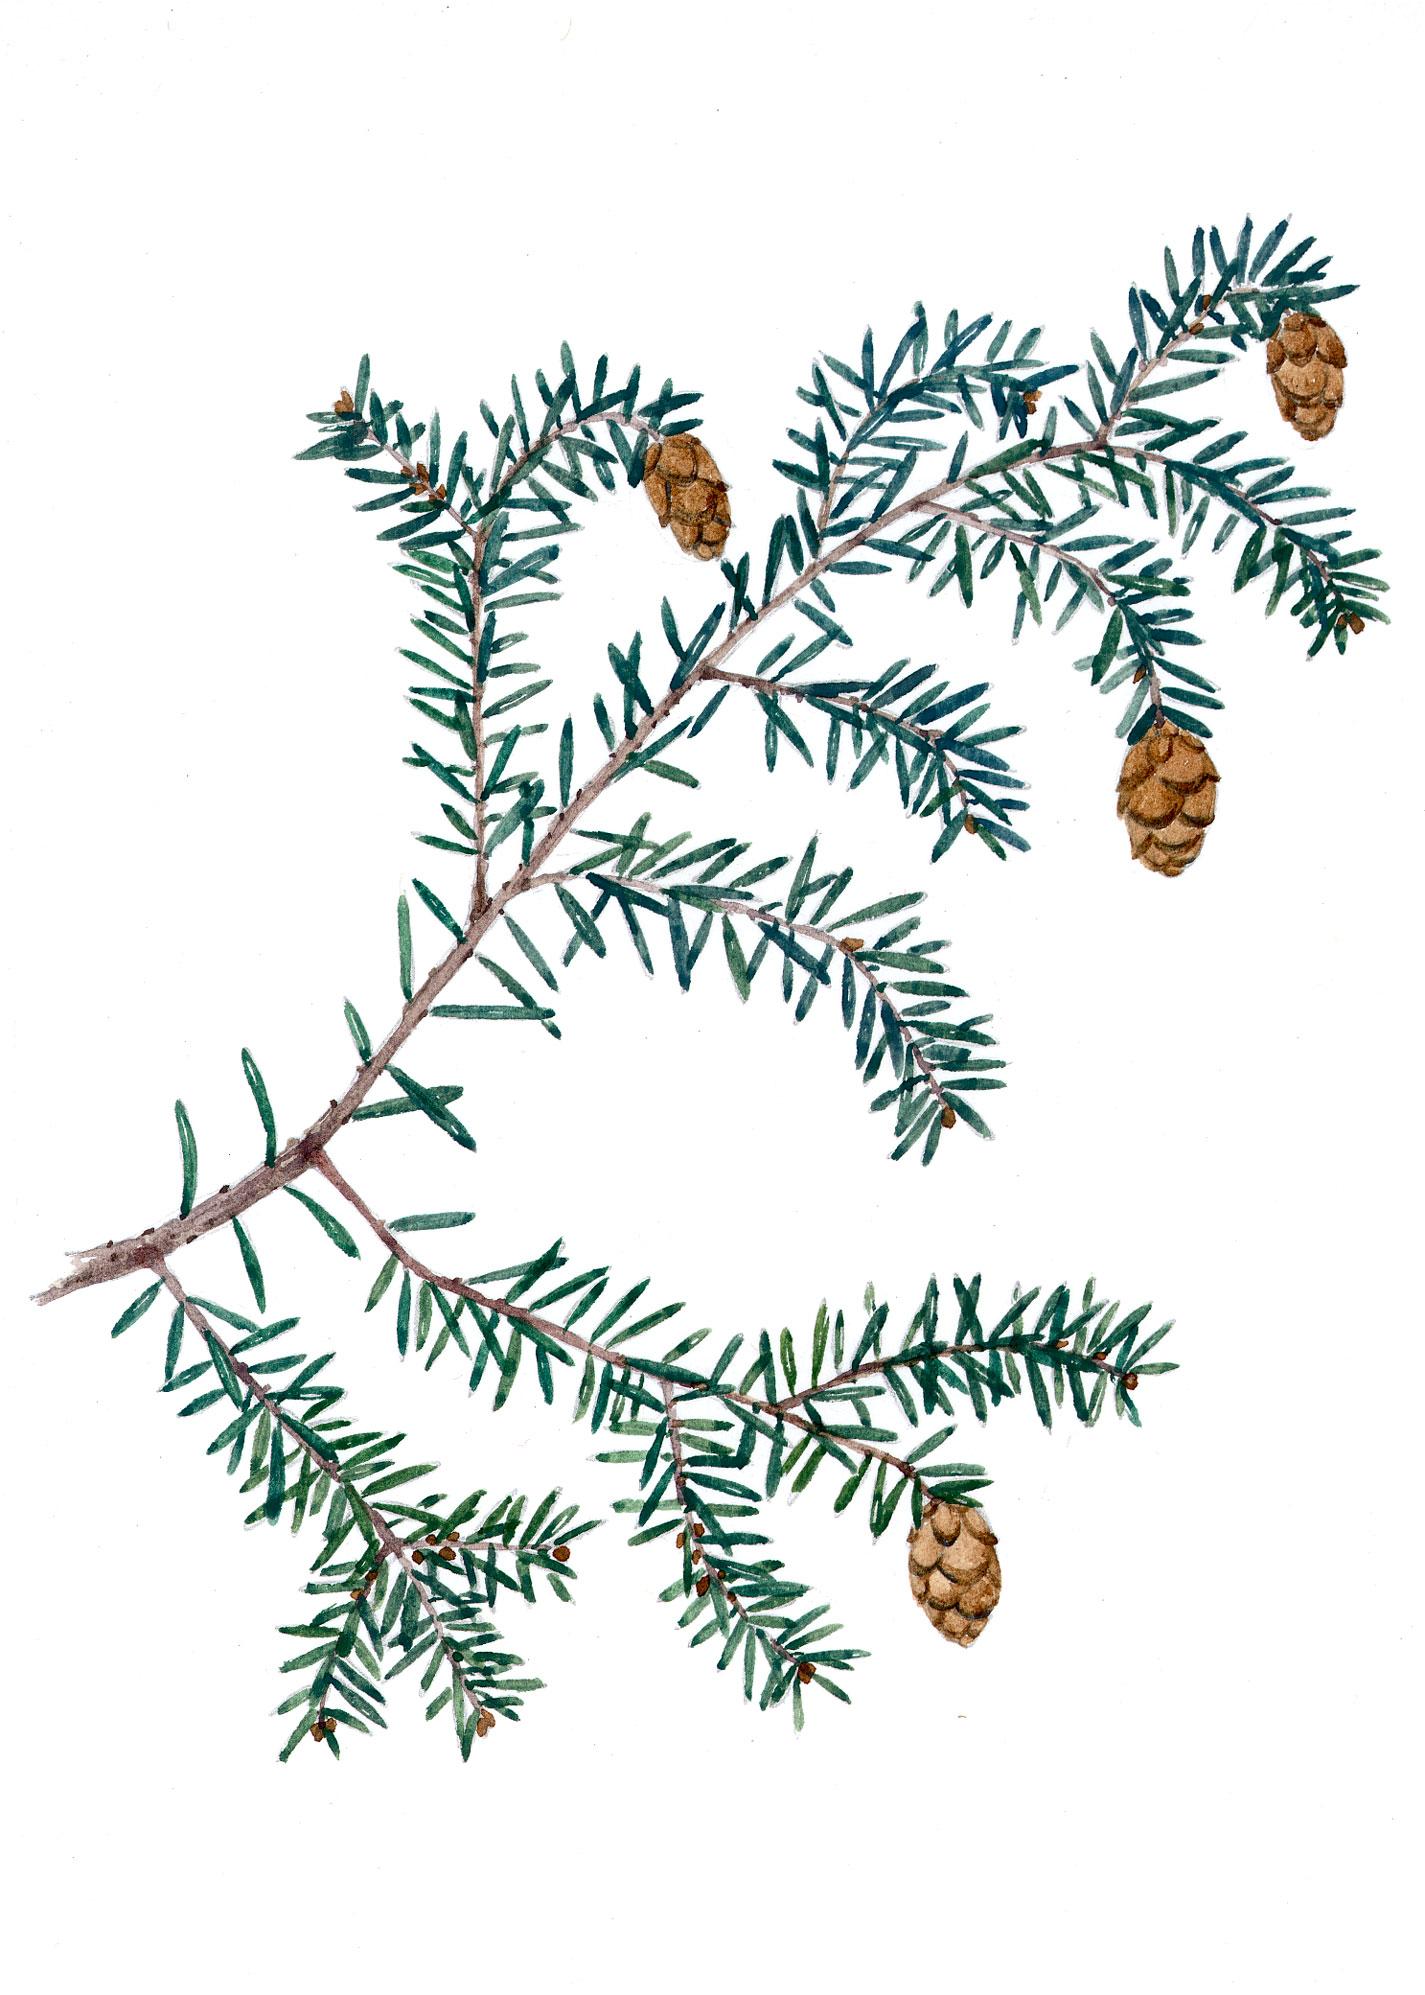 Hemlock branch with cones (Tsuga canadensis)